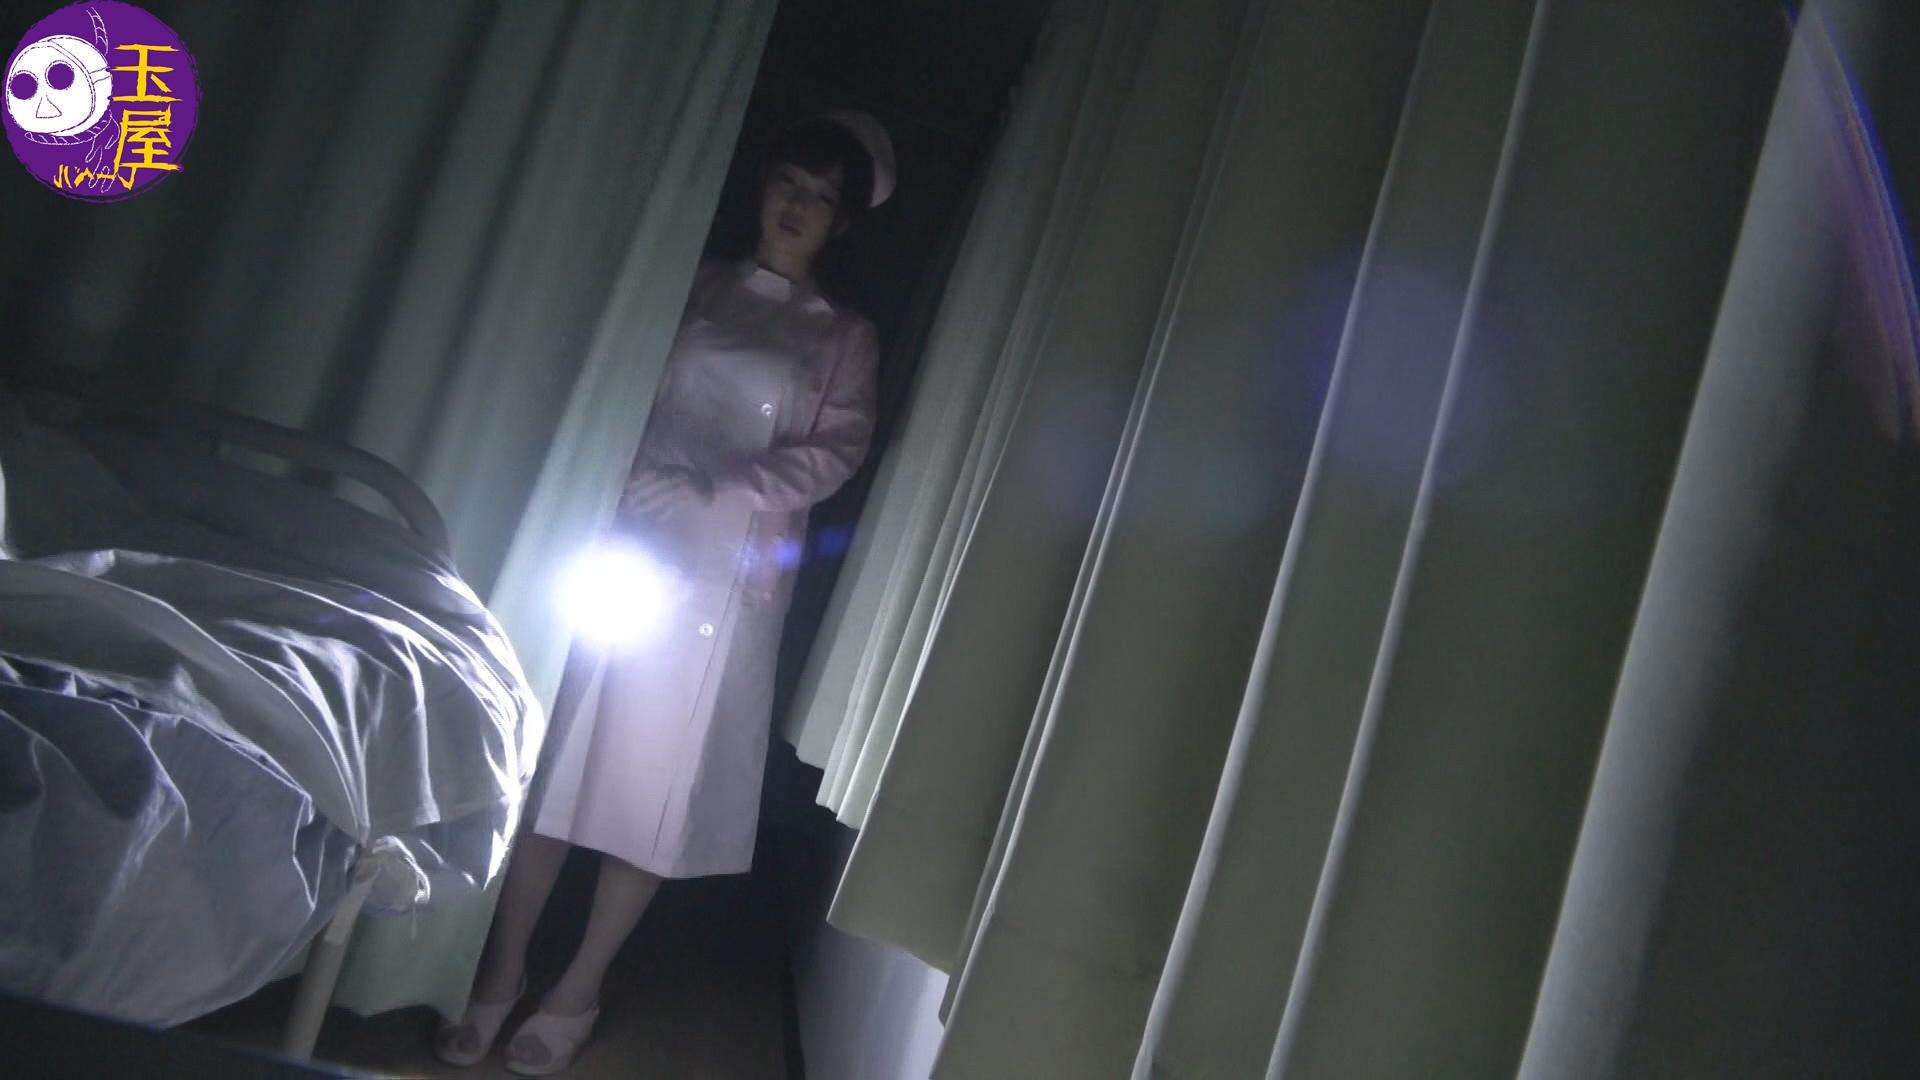 キモ男ヲタ復讐動画 奇獣ノ箱詰 -キモデブにヤラれた知能0、またはXX、なぜか自意識過剰、だけど巨乳- 8時間 画像20